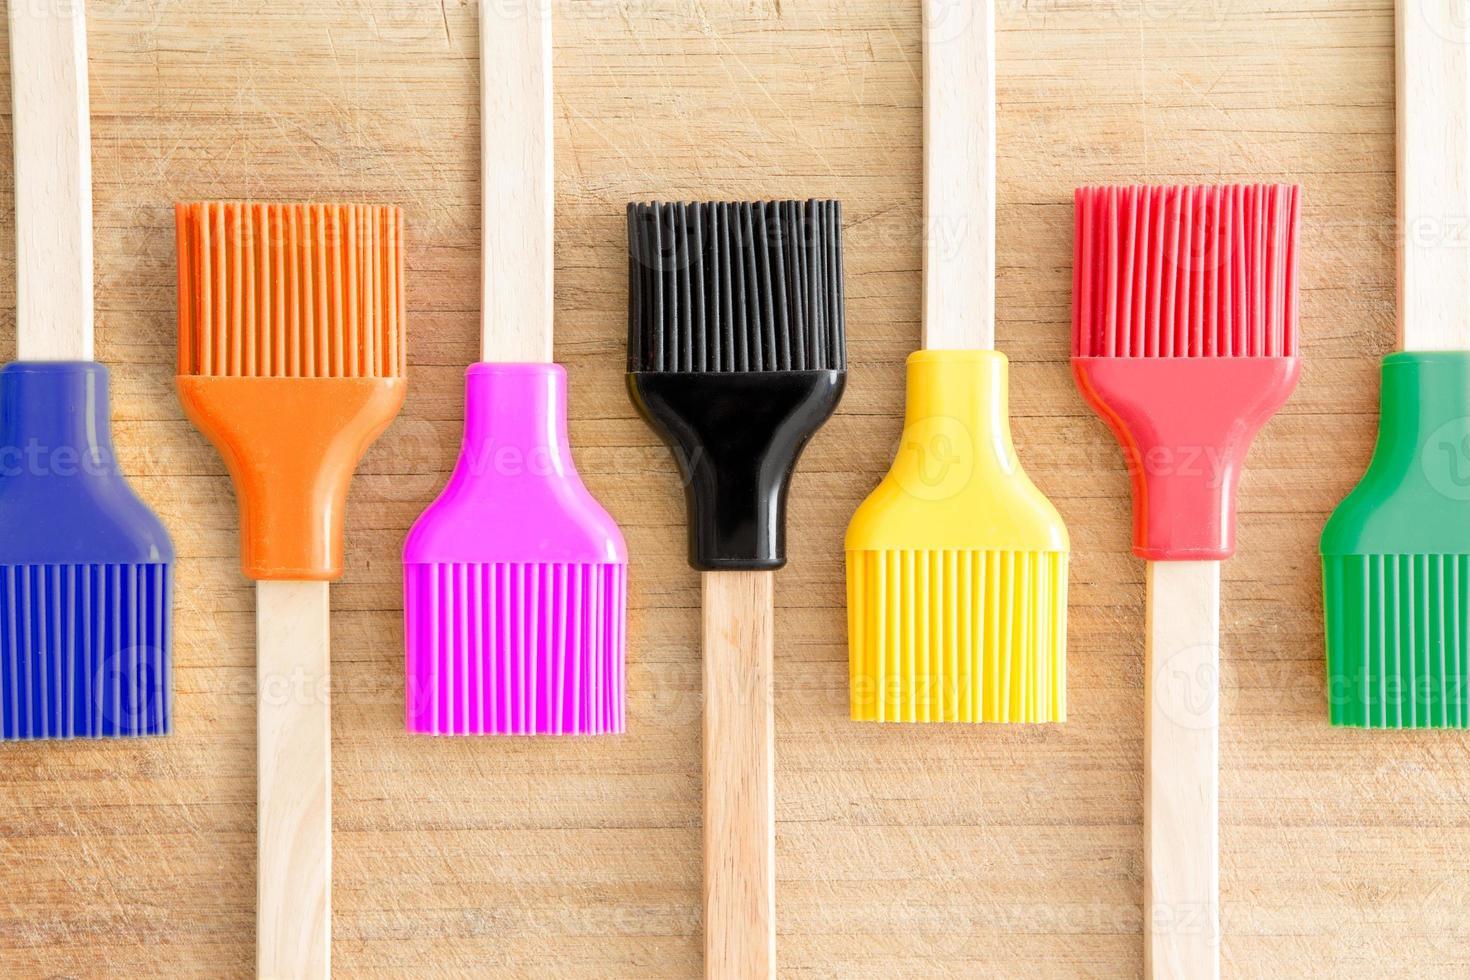 rangée de brosses de cuisine avec des poils colorés photo